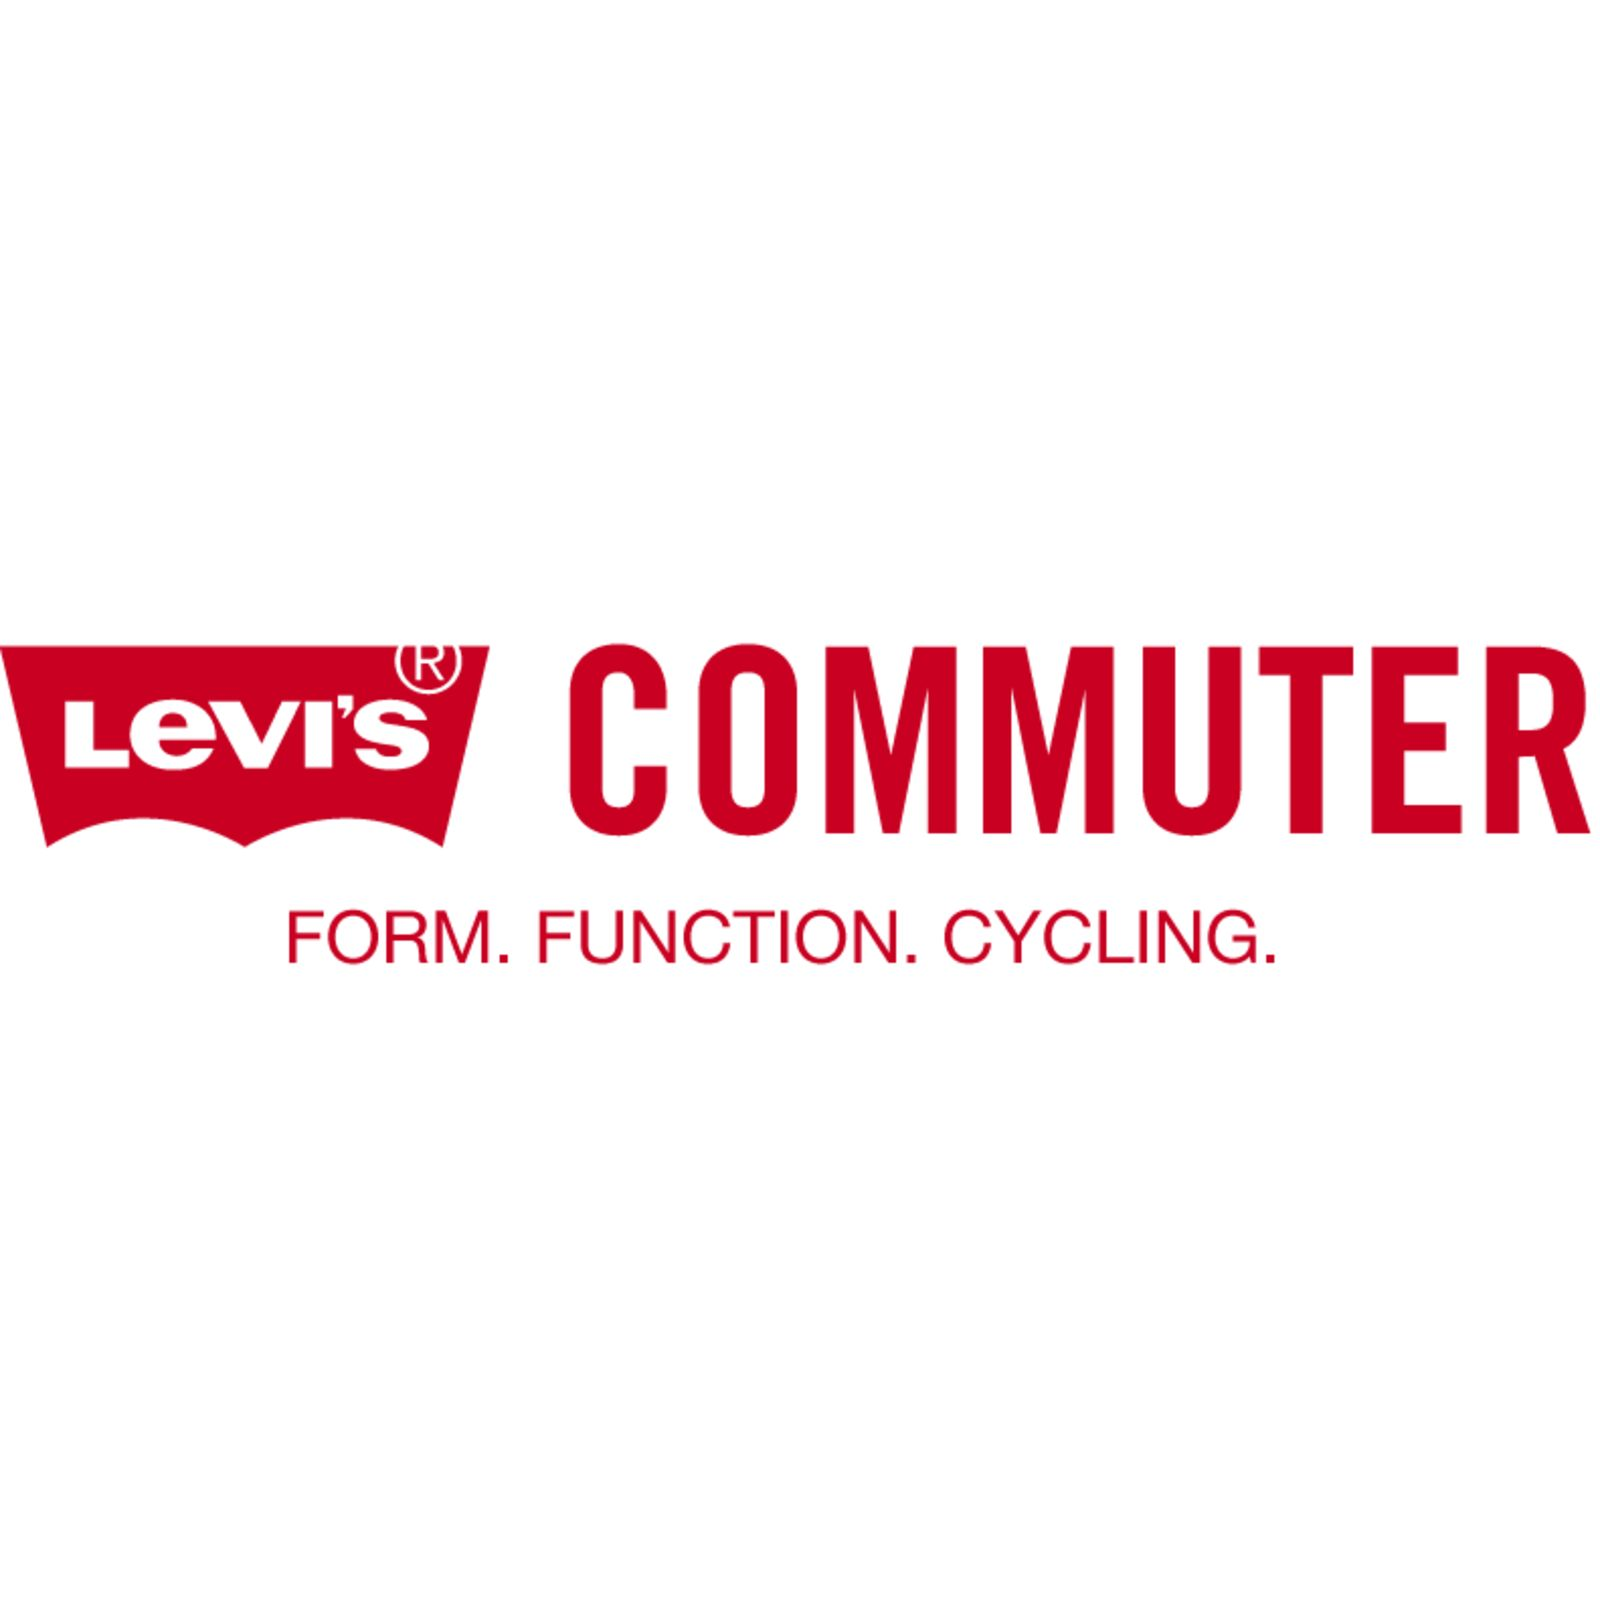 Levi's® COMMUTER (Image 1)